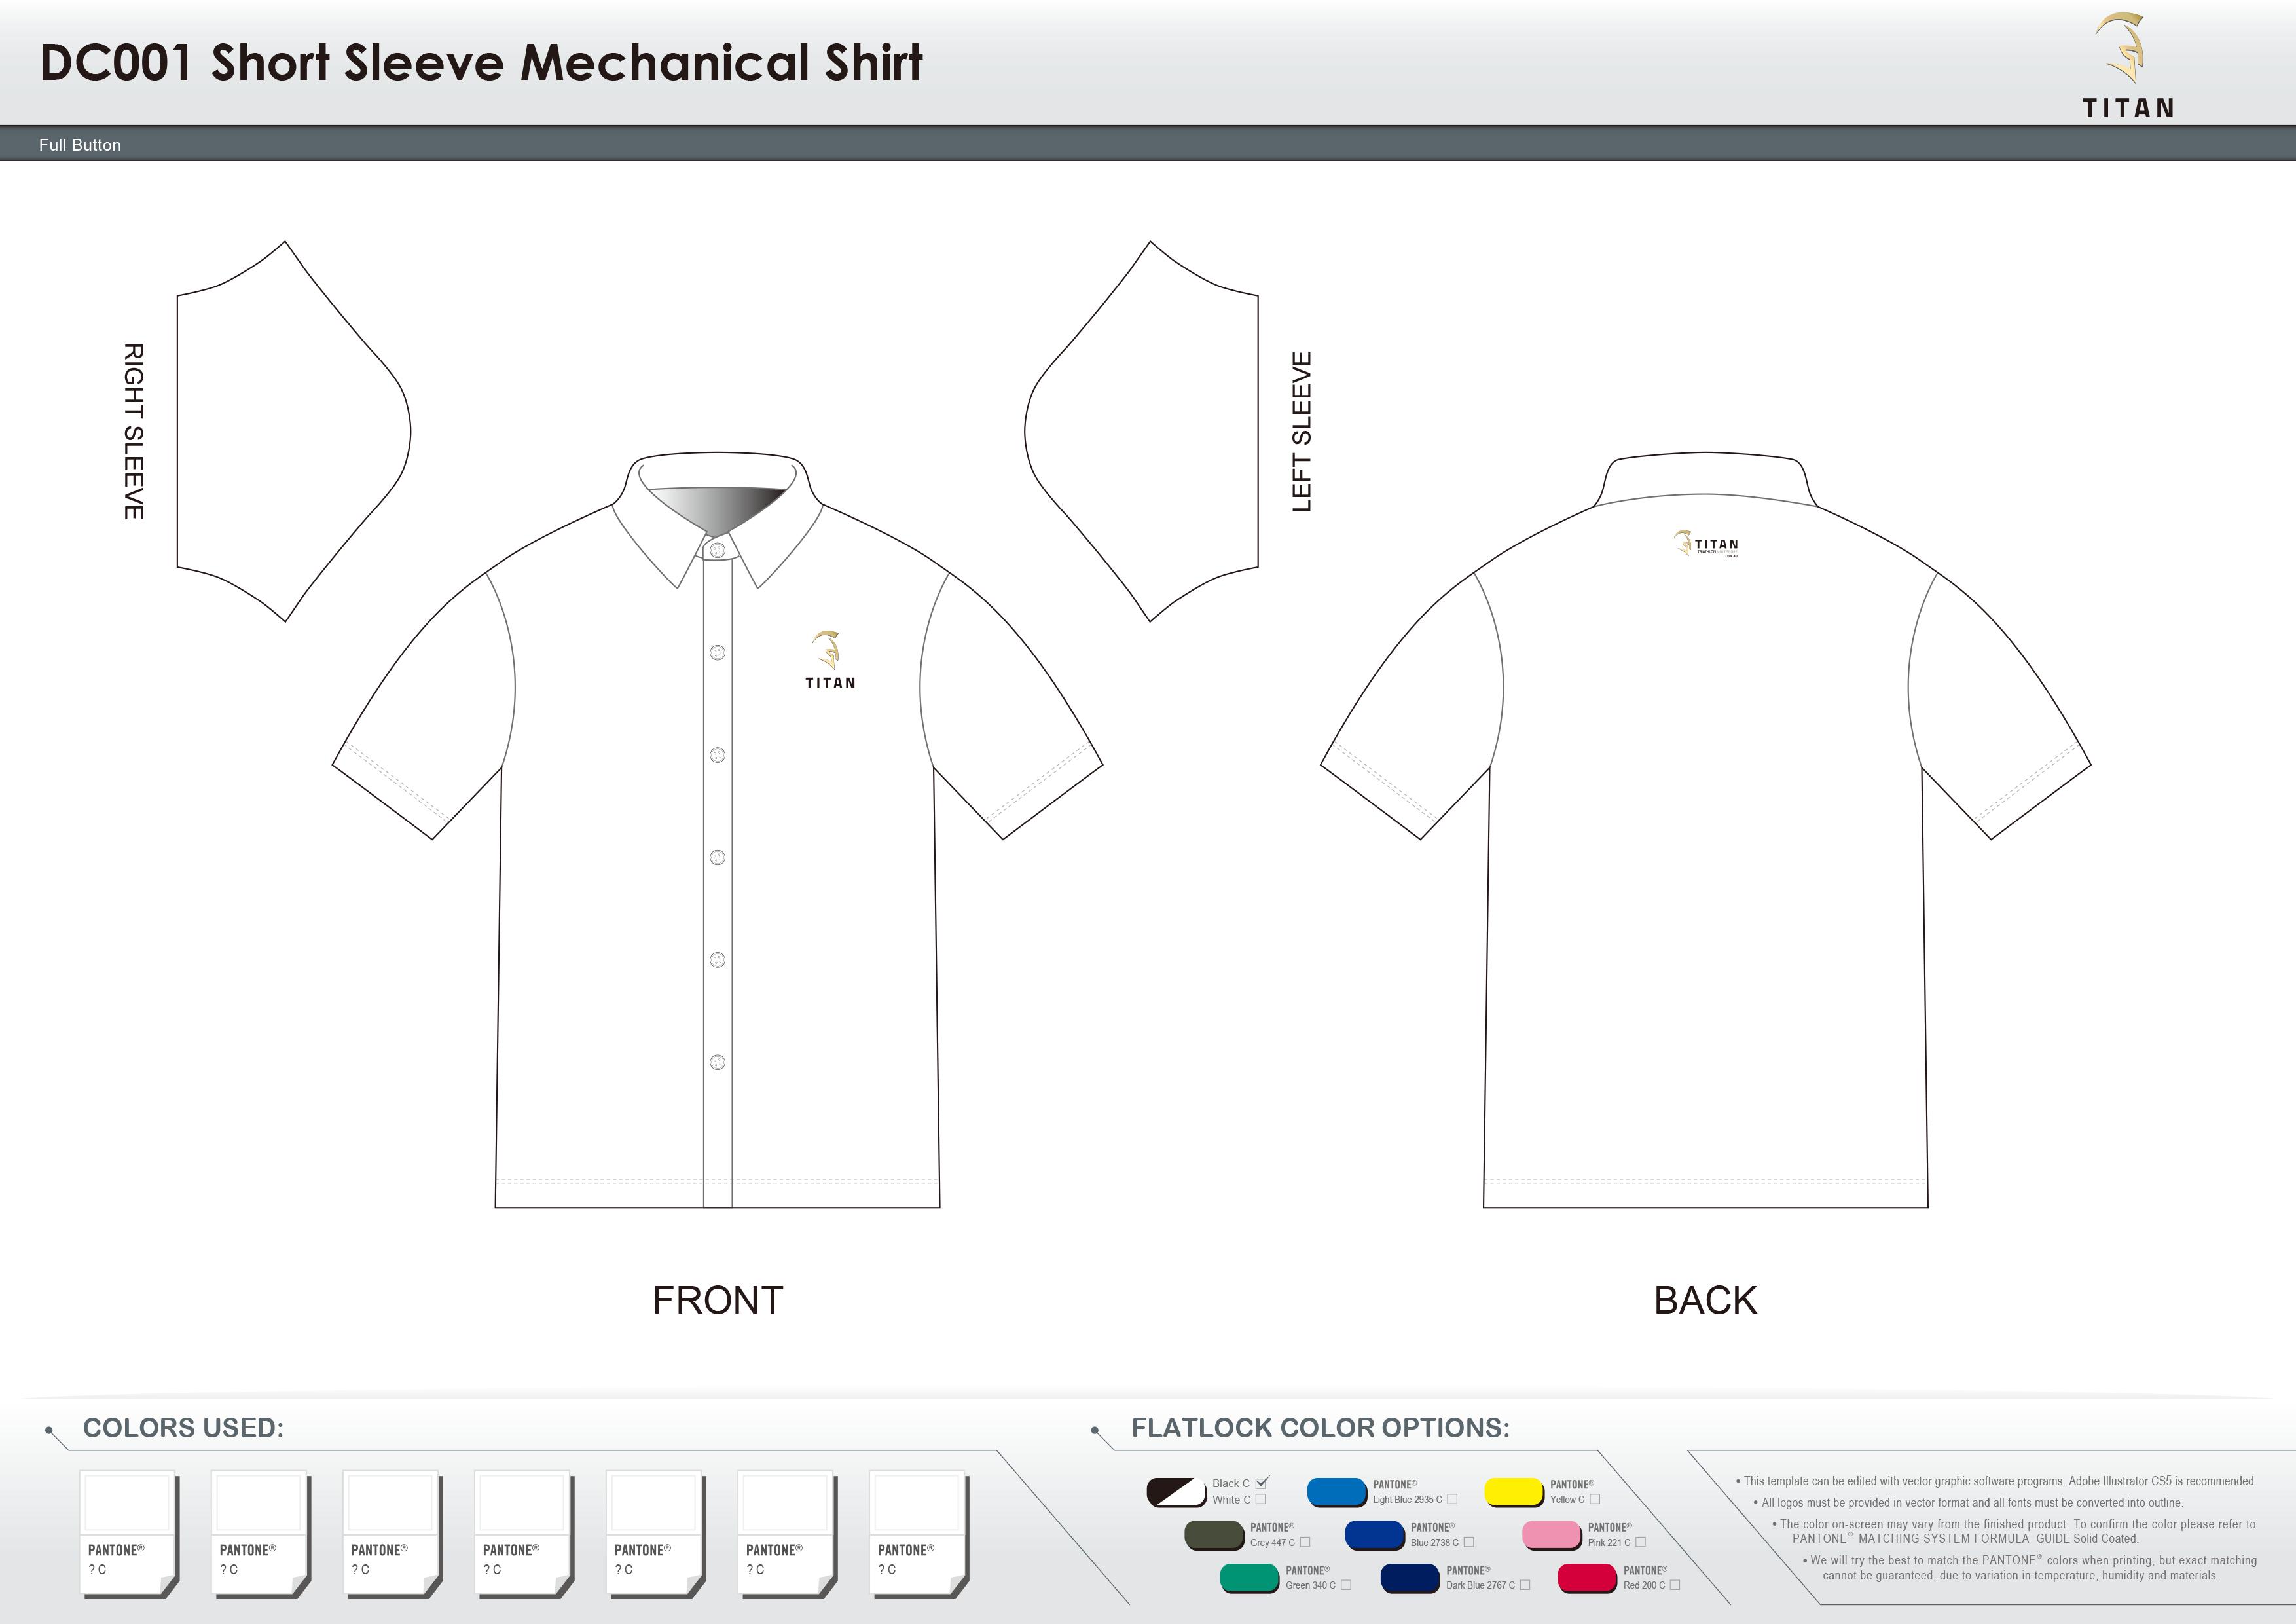 DC001 Short Sleeve Mechanical Shirt